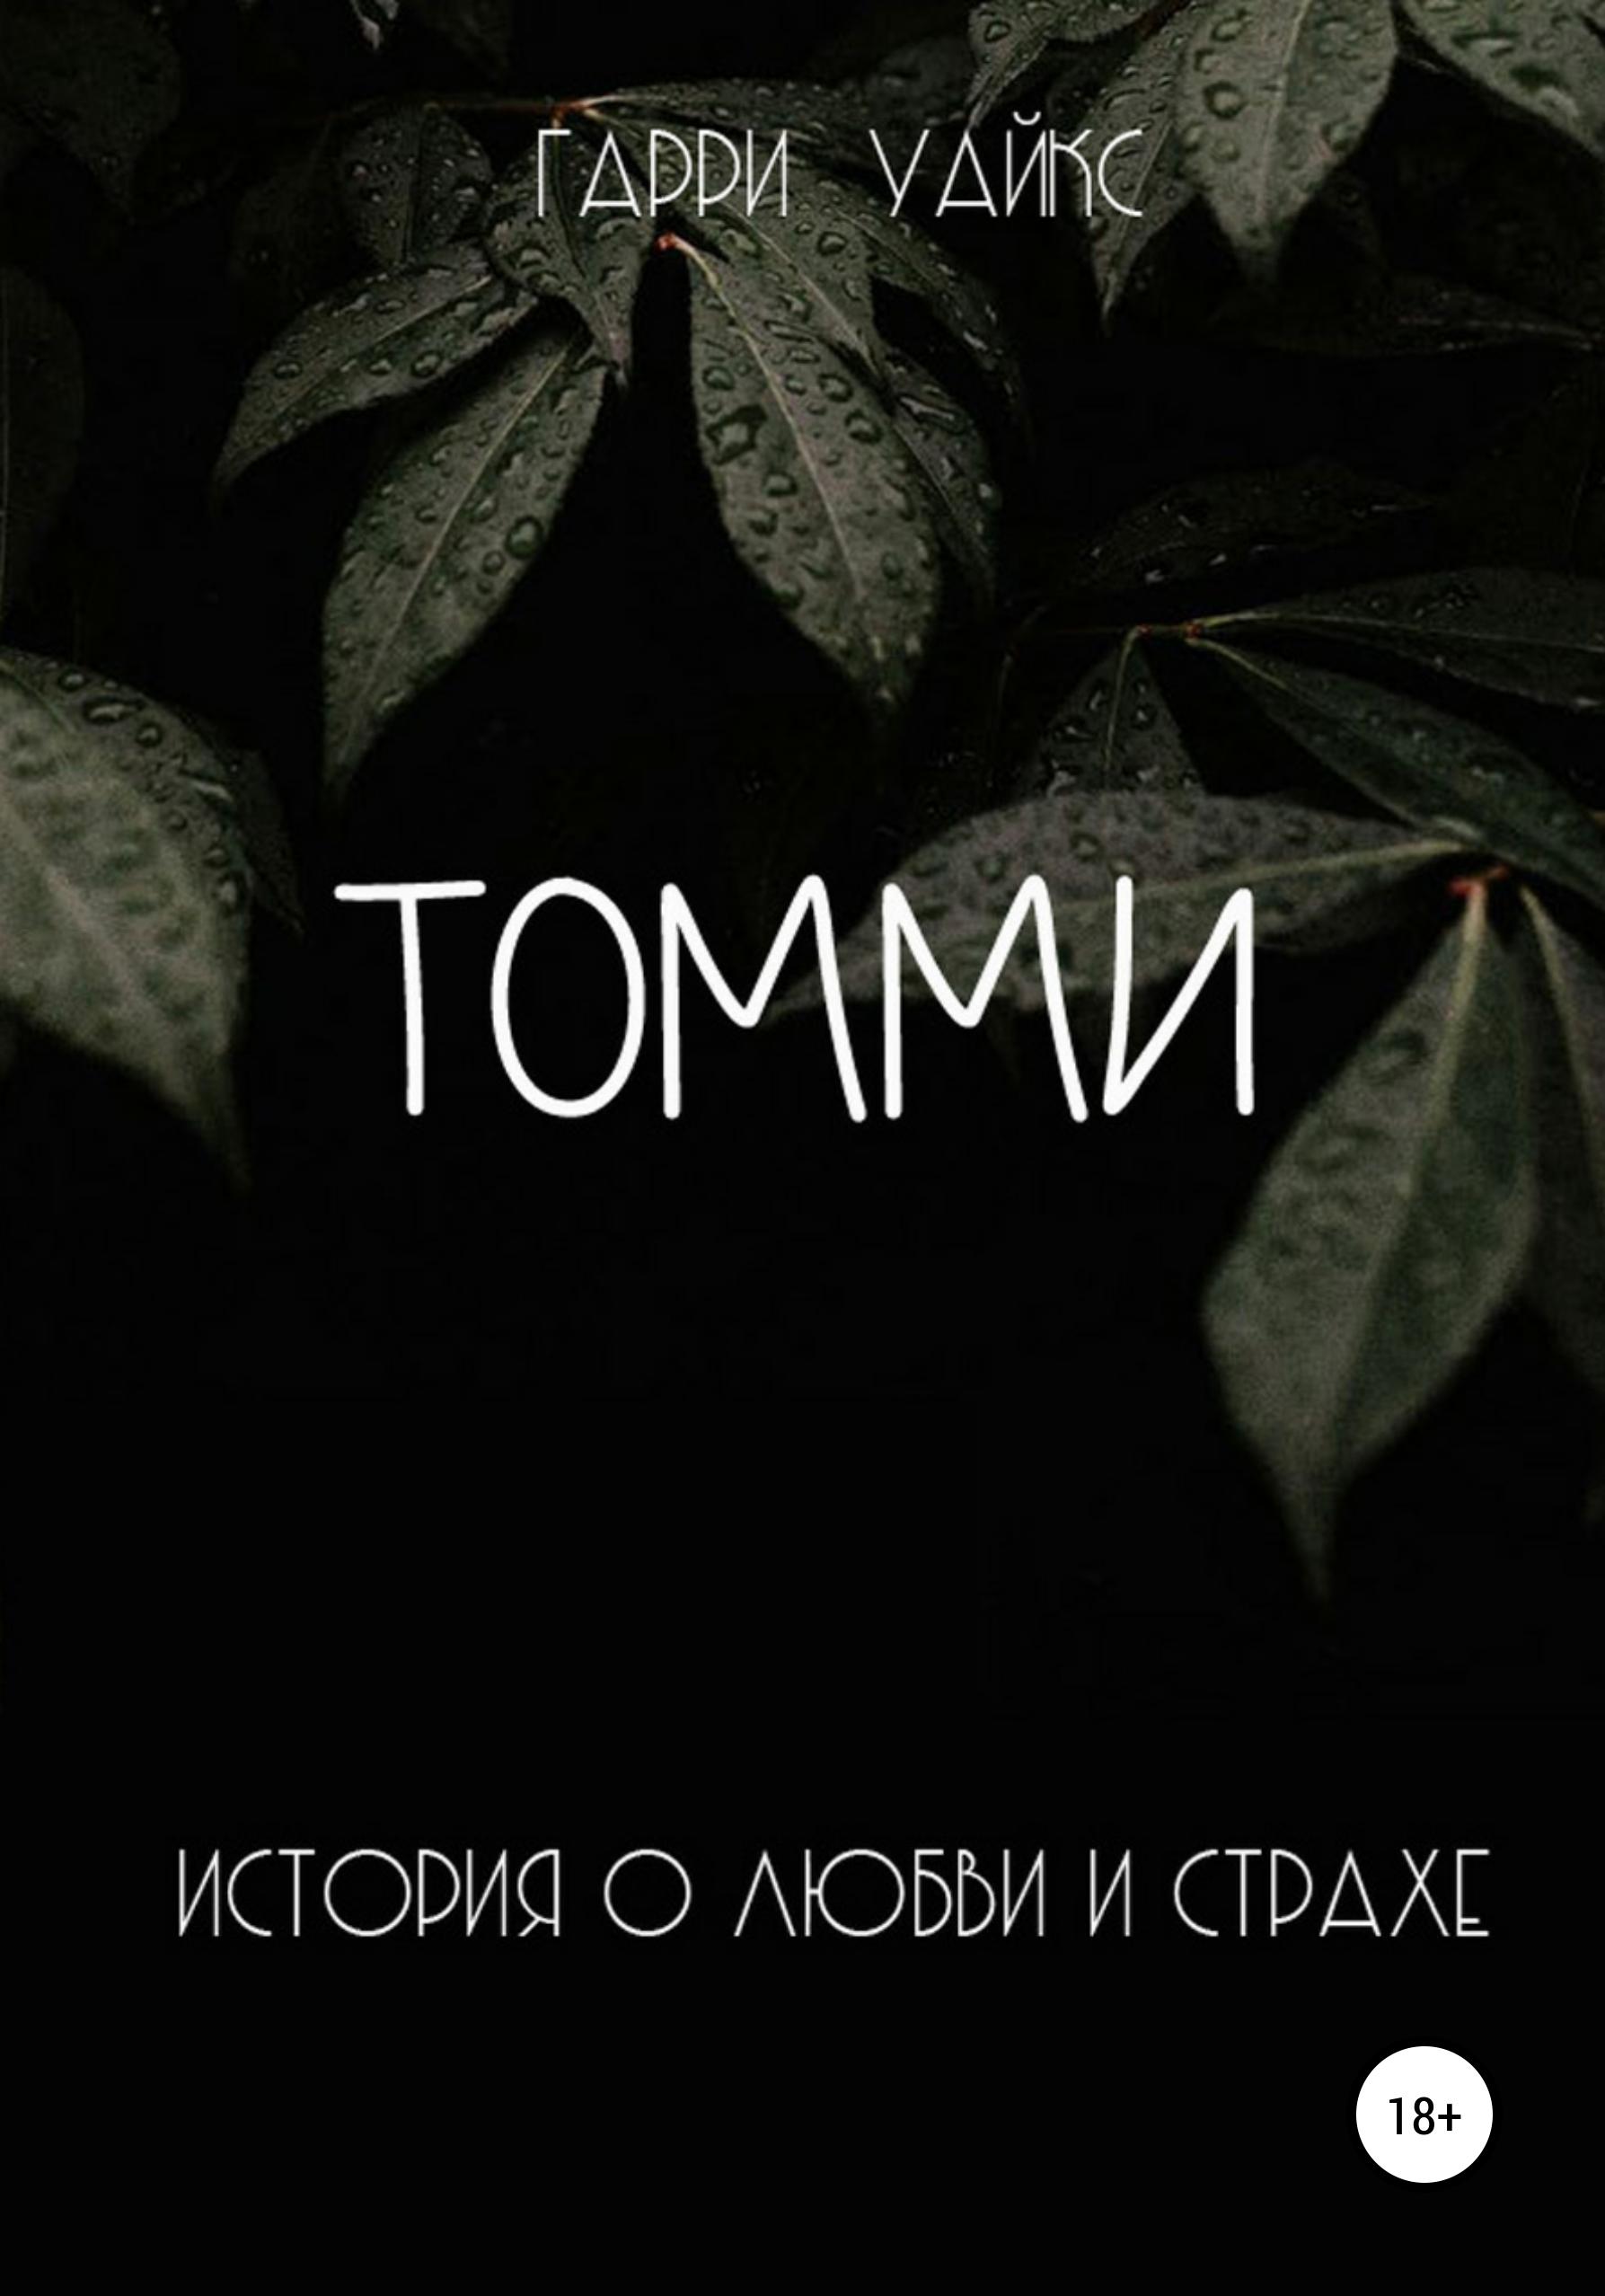 Купить книгу Томми, автора Гарри Уайкса